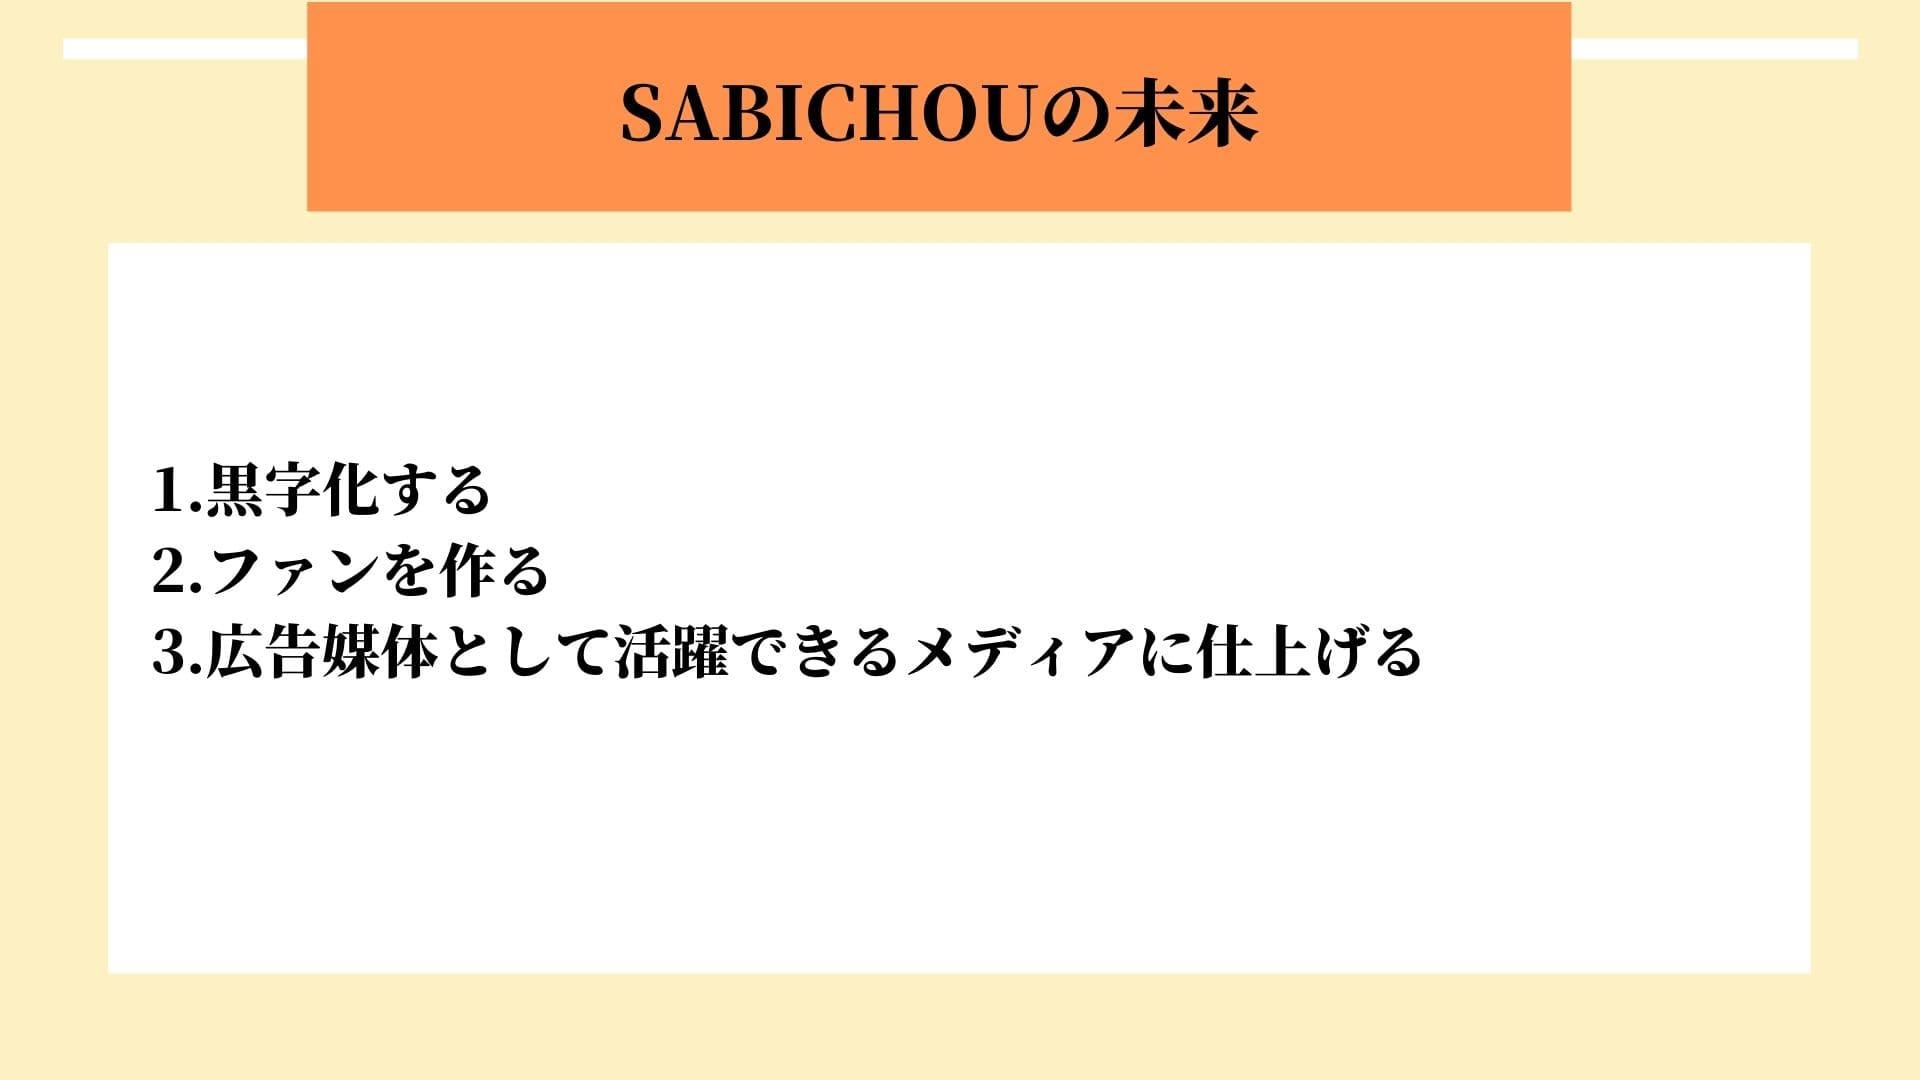 SABICHOU 未来